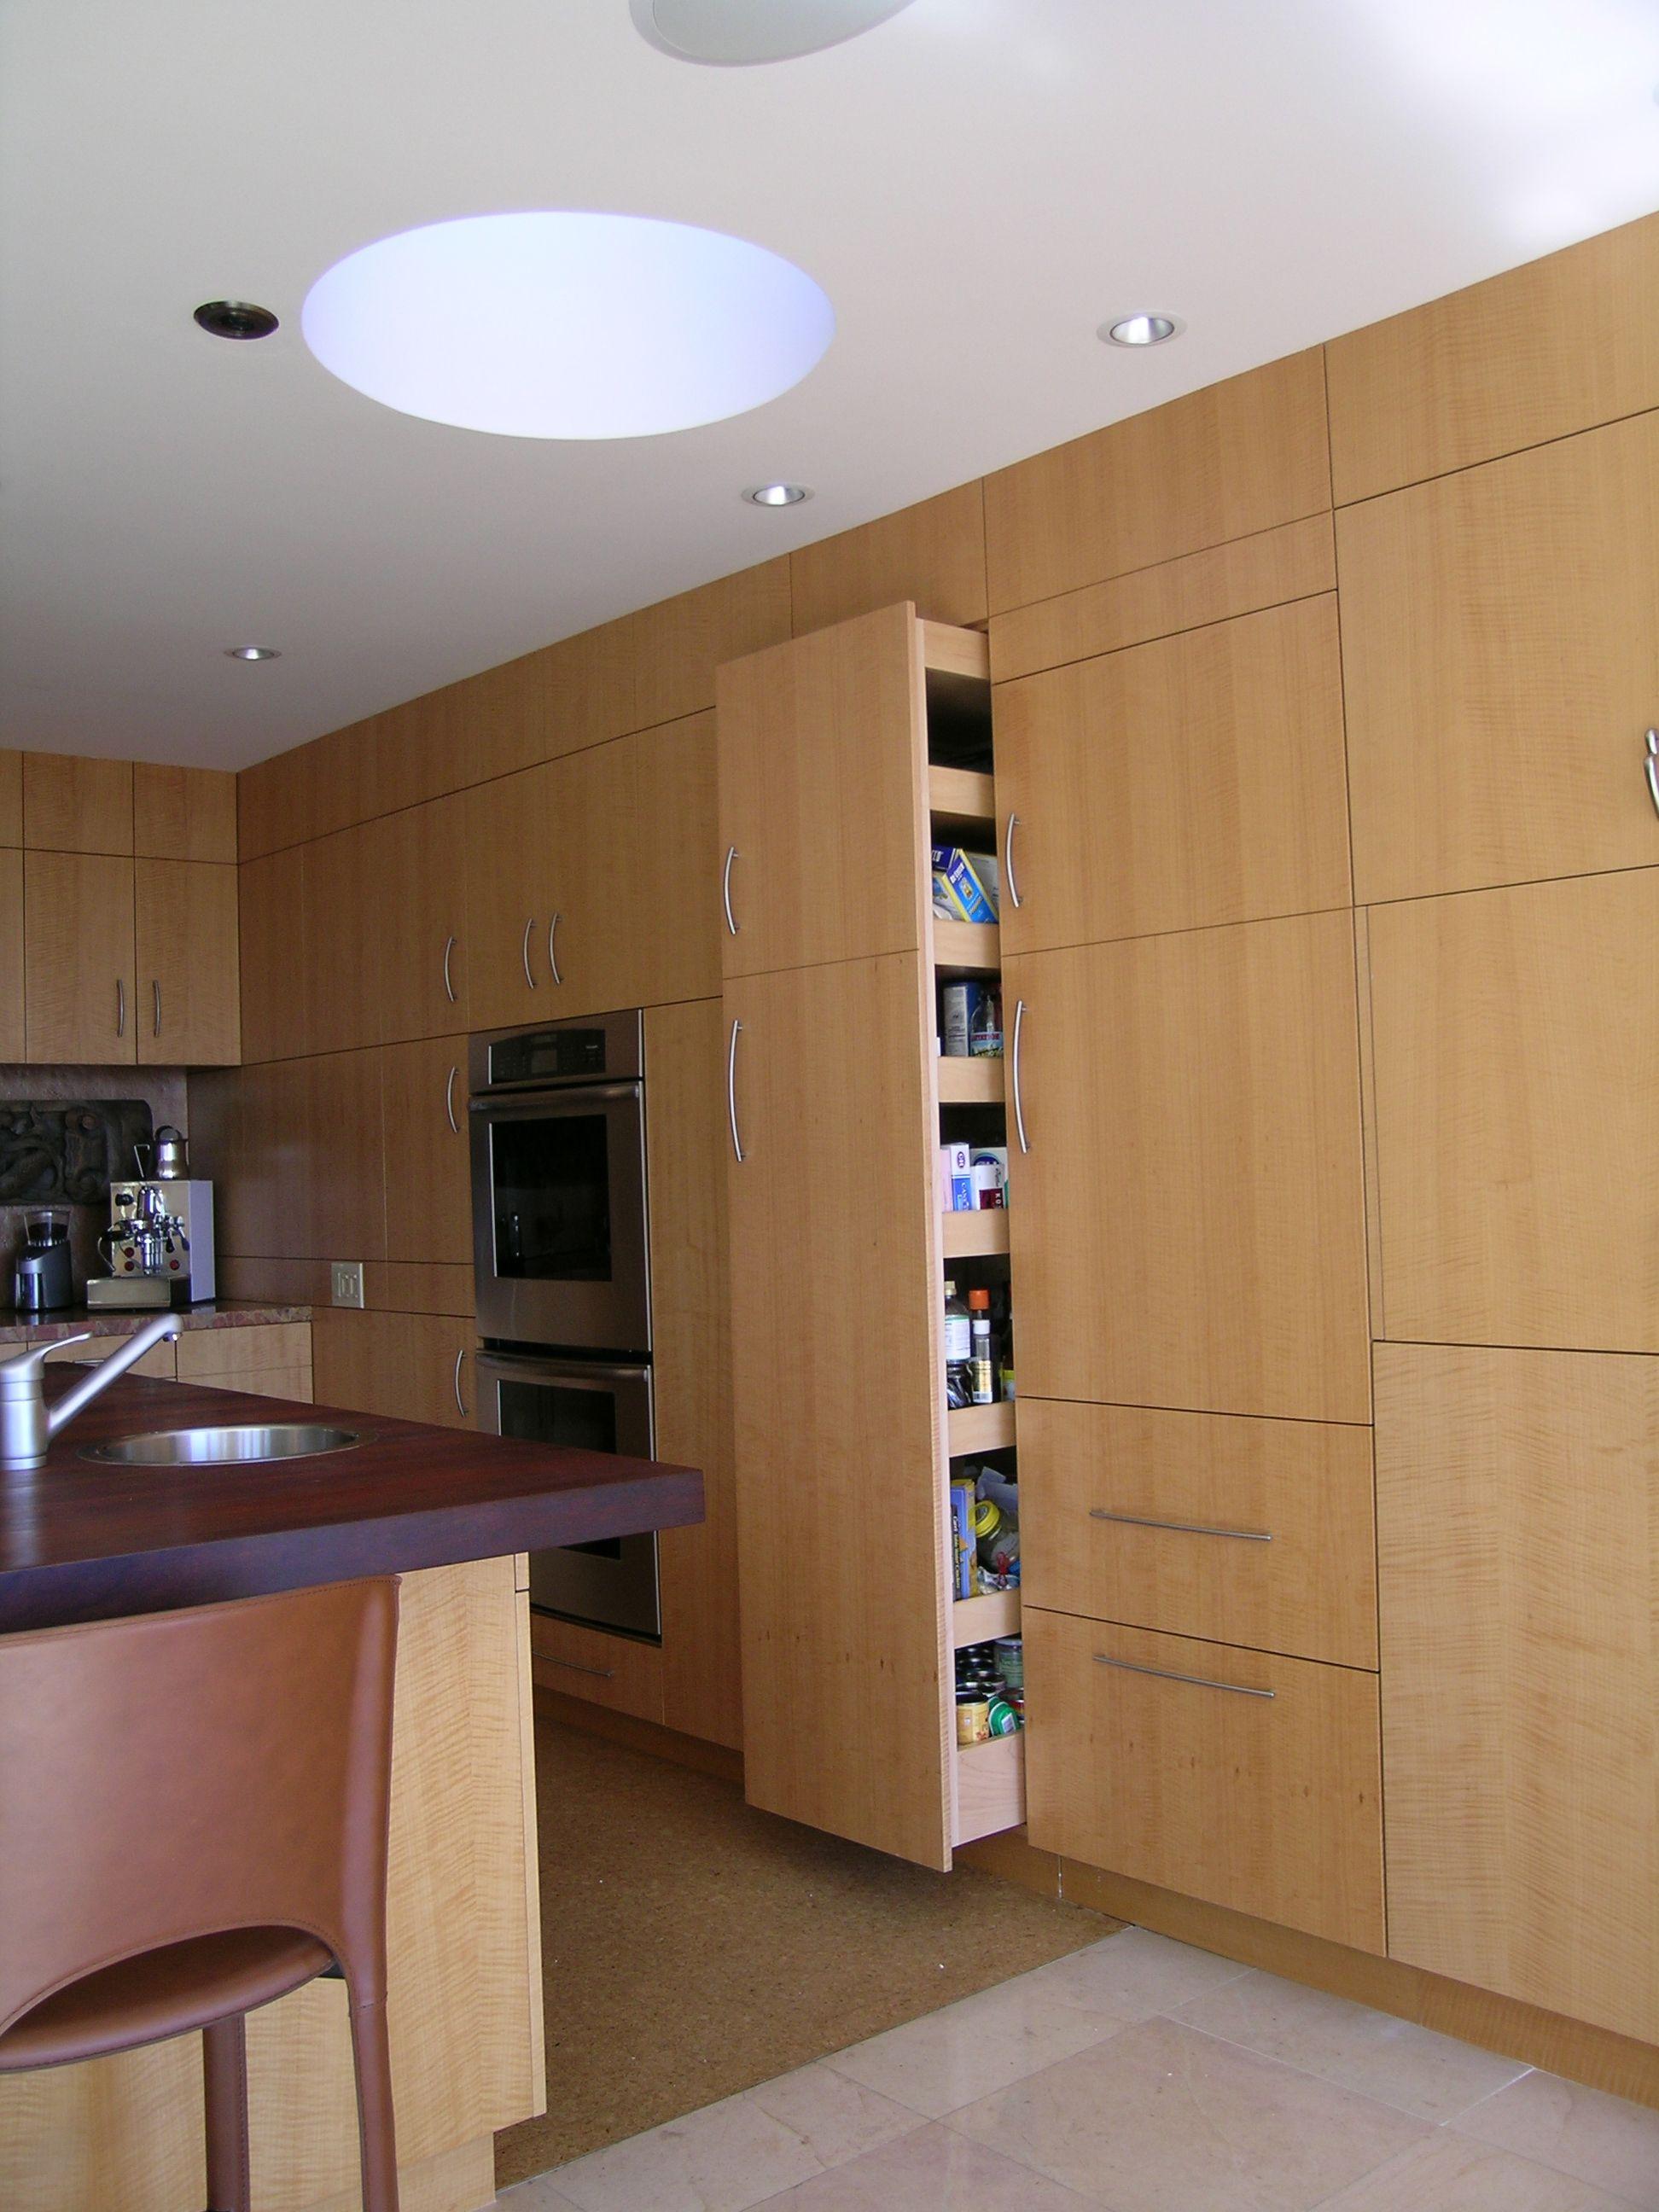 Ausgezeichnet Küchendesign Mit Versteckter Speisekammer Bilder ...